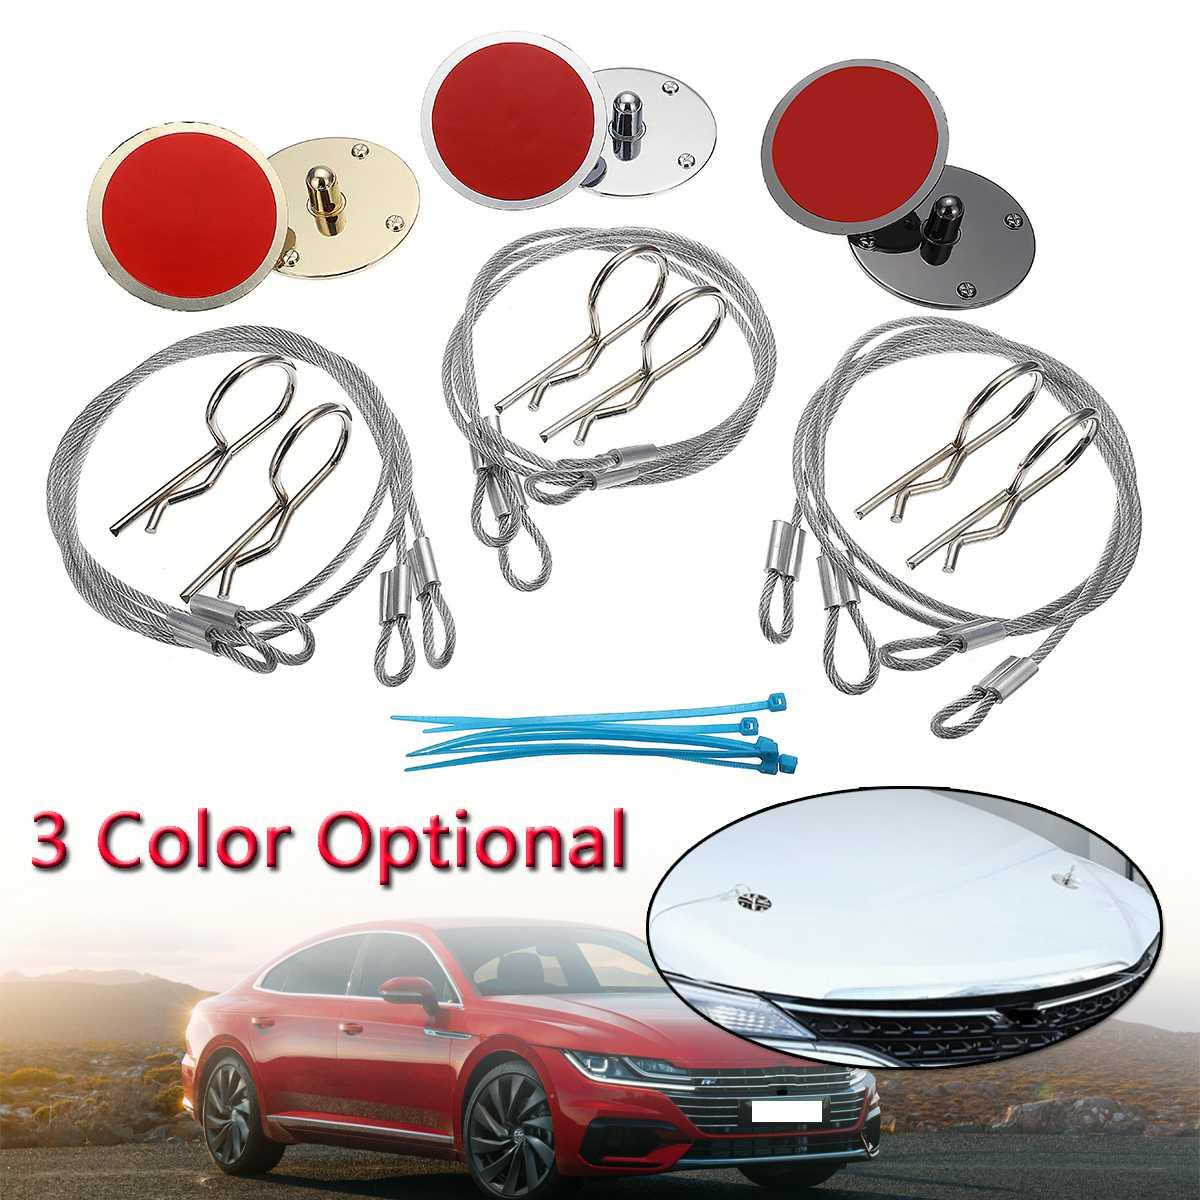 Neue 2 stücke Universal Auto Front Racing Bonnet Hood Pin Lock Aussehen Kit CNC Billet Aluminium Titan/Silber/ gold CUP561788